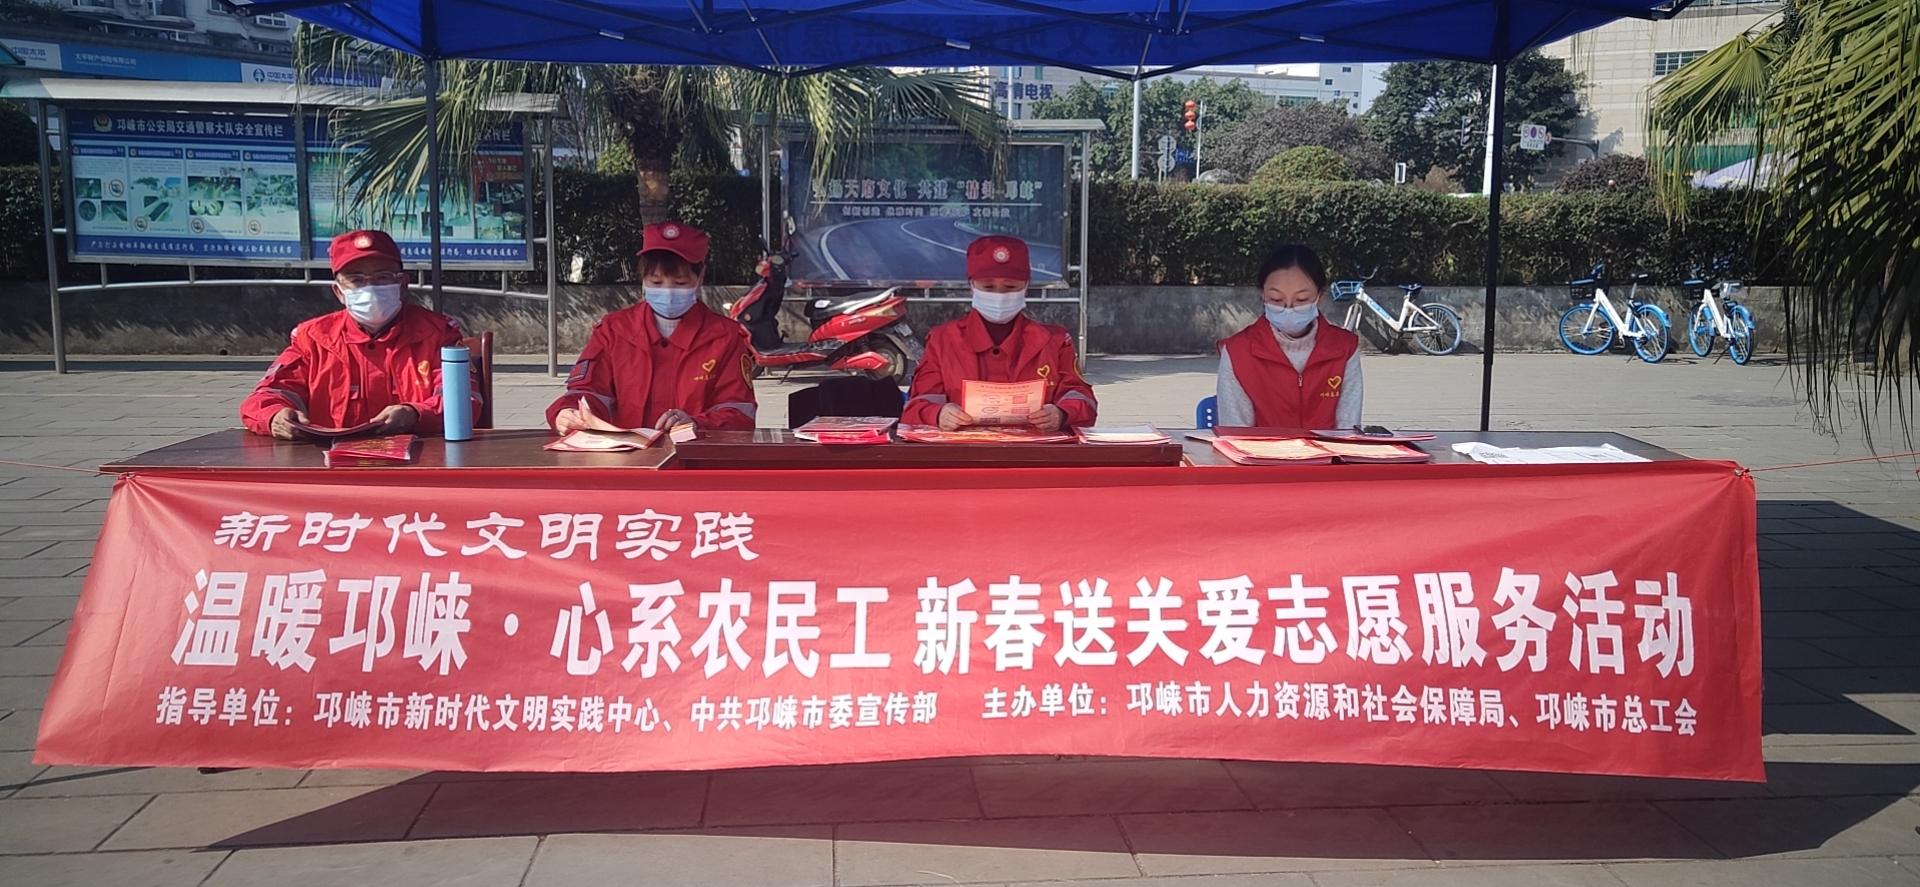 邛崃市总工会开展新春送关爱活动